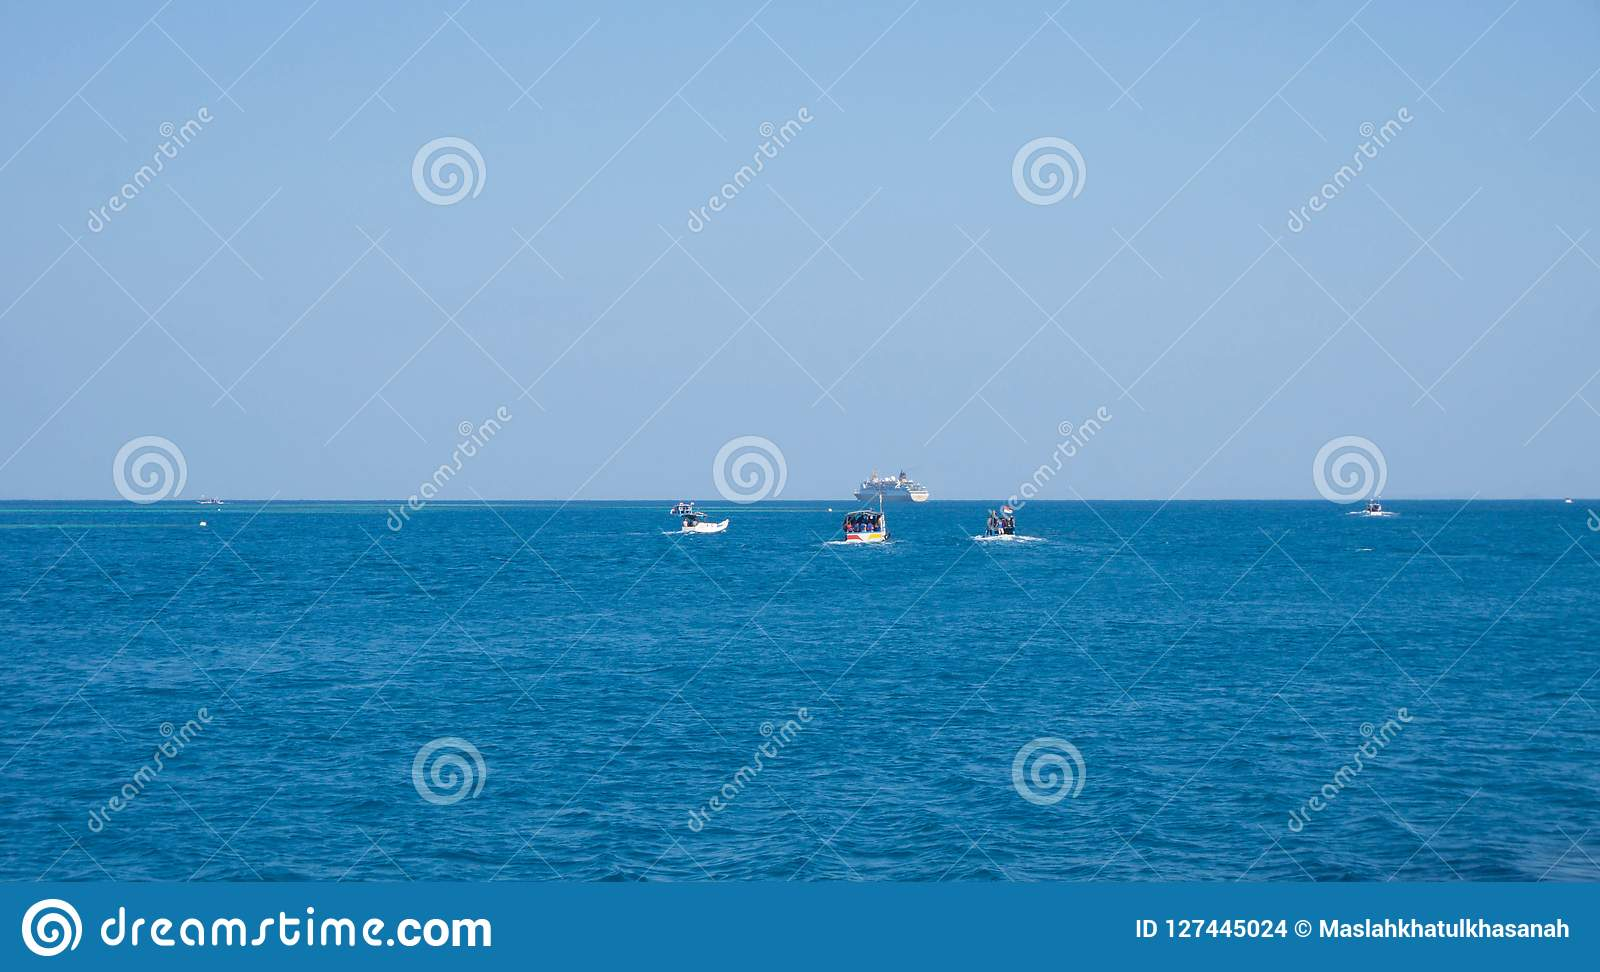 Łódź rybacka z głębokim błękitnym ciemnym morzem w karimun jawie